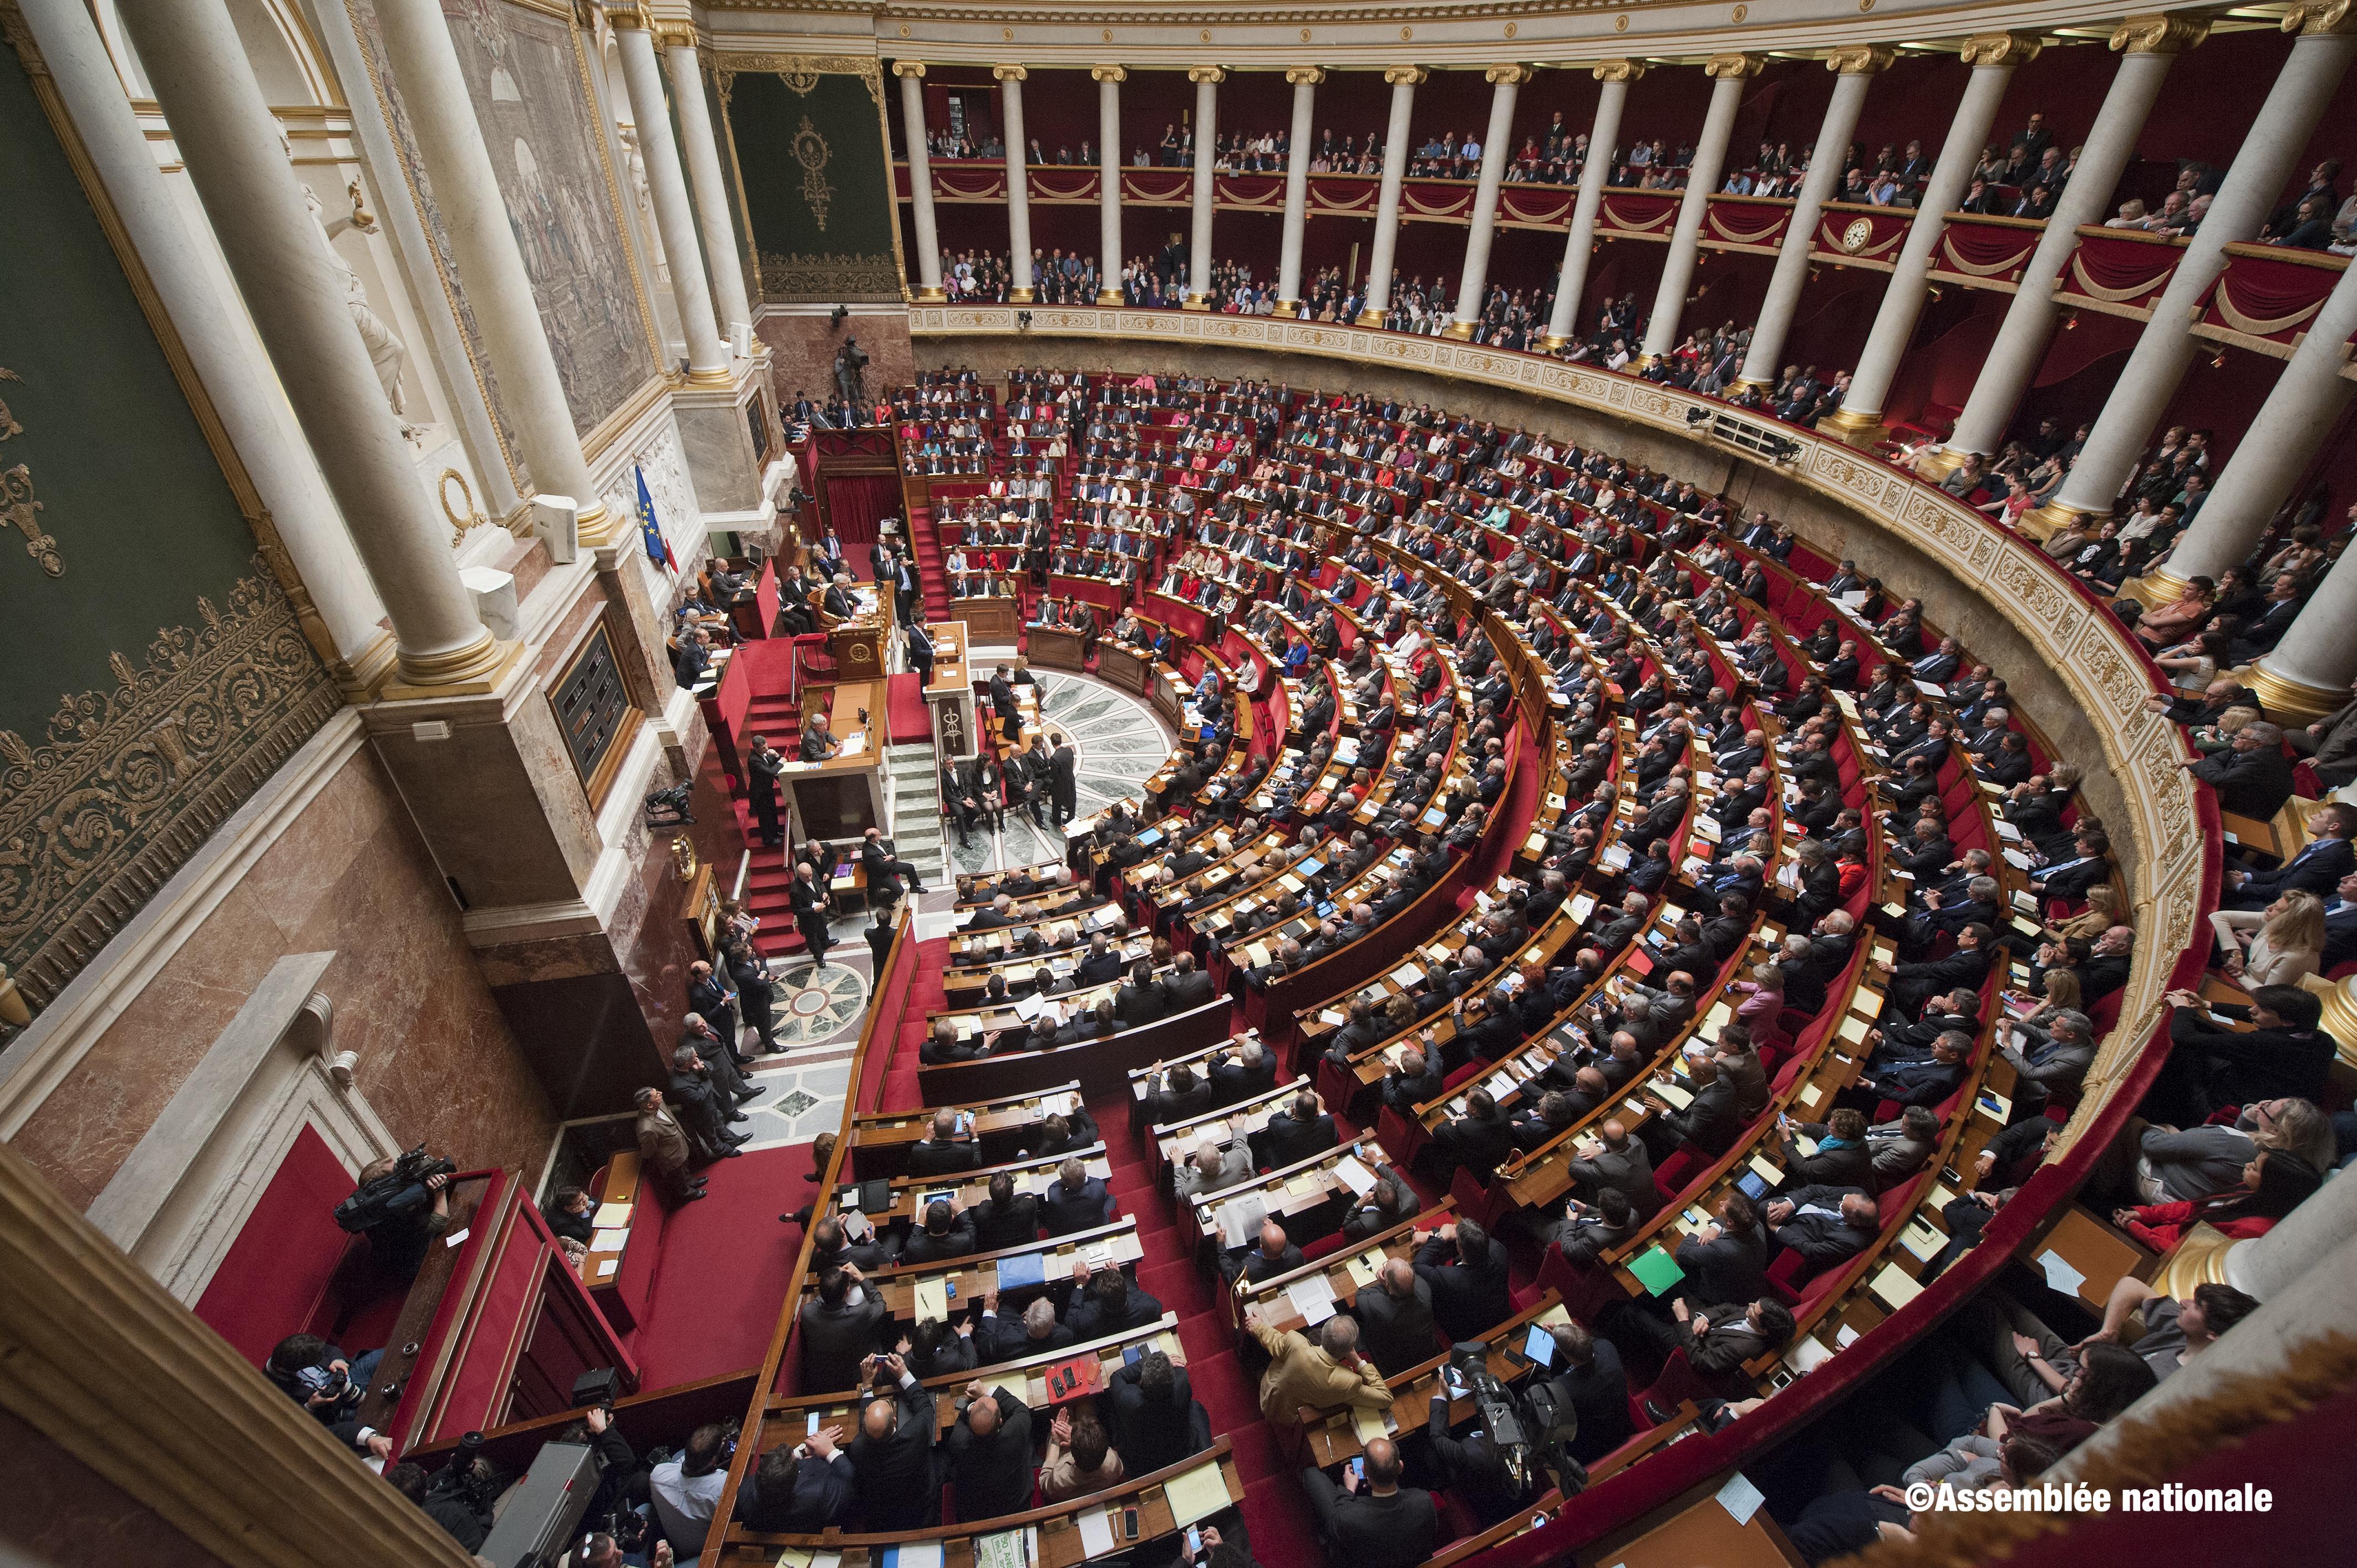 PDLF rect. 2014 : l'imagination de la gauche pour créer des nouveaux impôts parait sans limite!